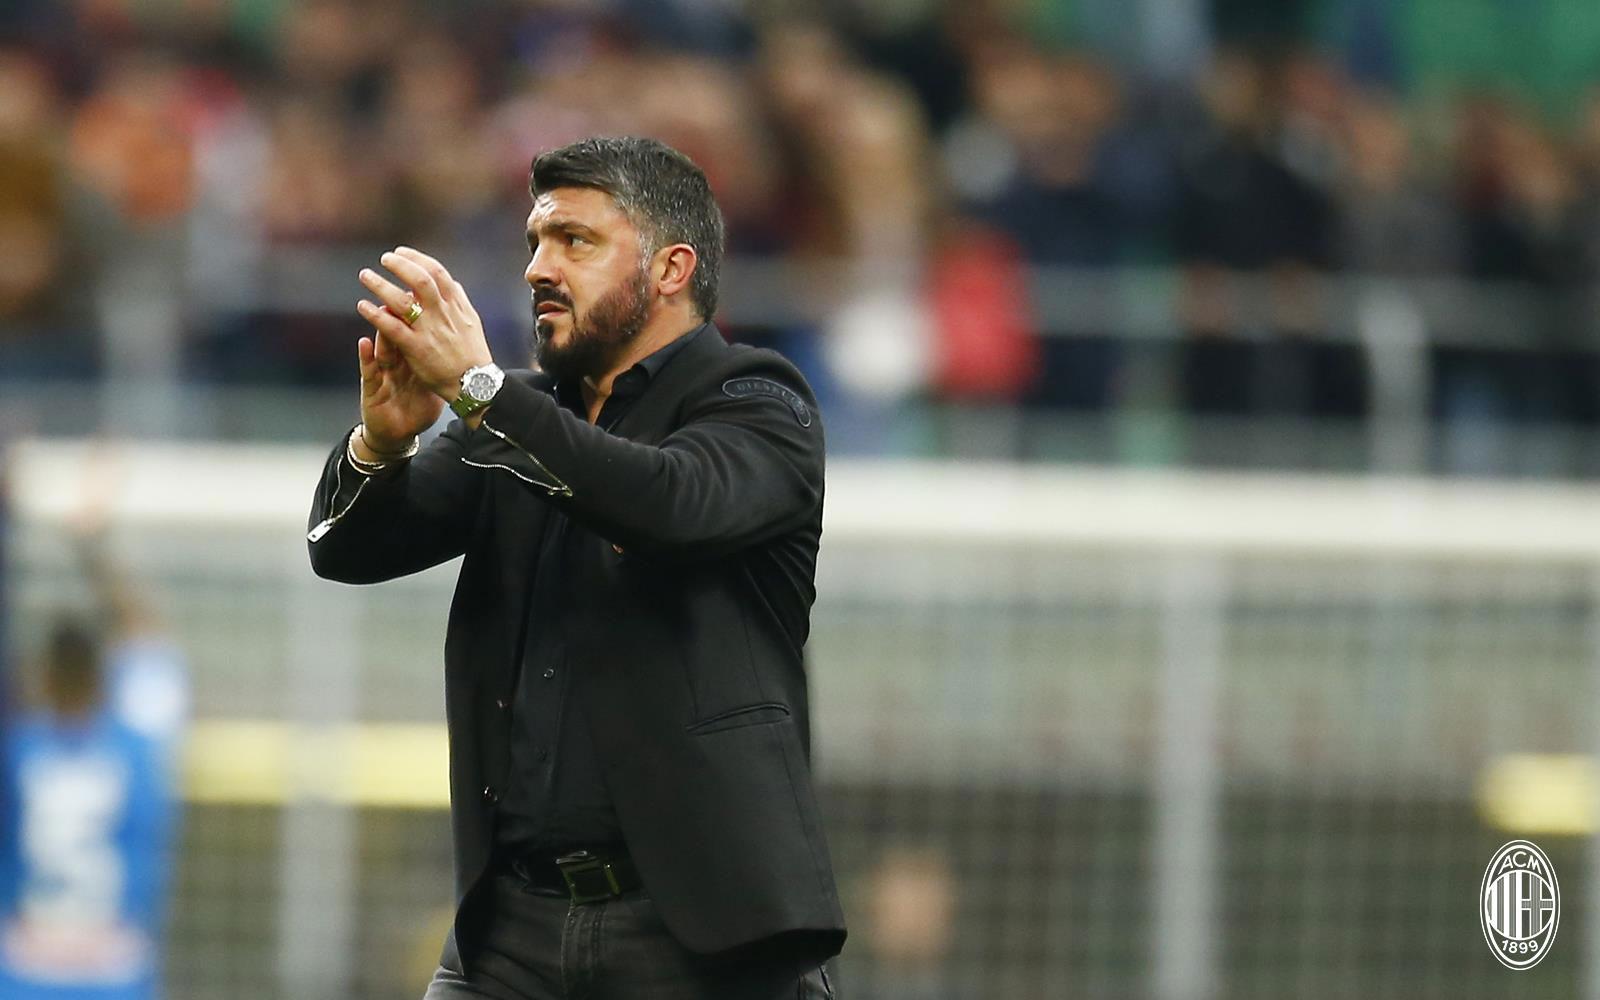 Gennaro Gattuso at the end of Milan-Napoli at Stadio San Siro on April 15, 2018. (@acmilan.com)